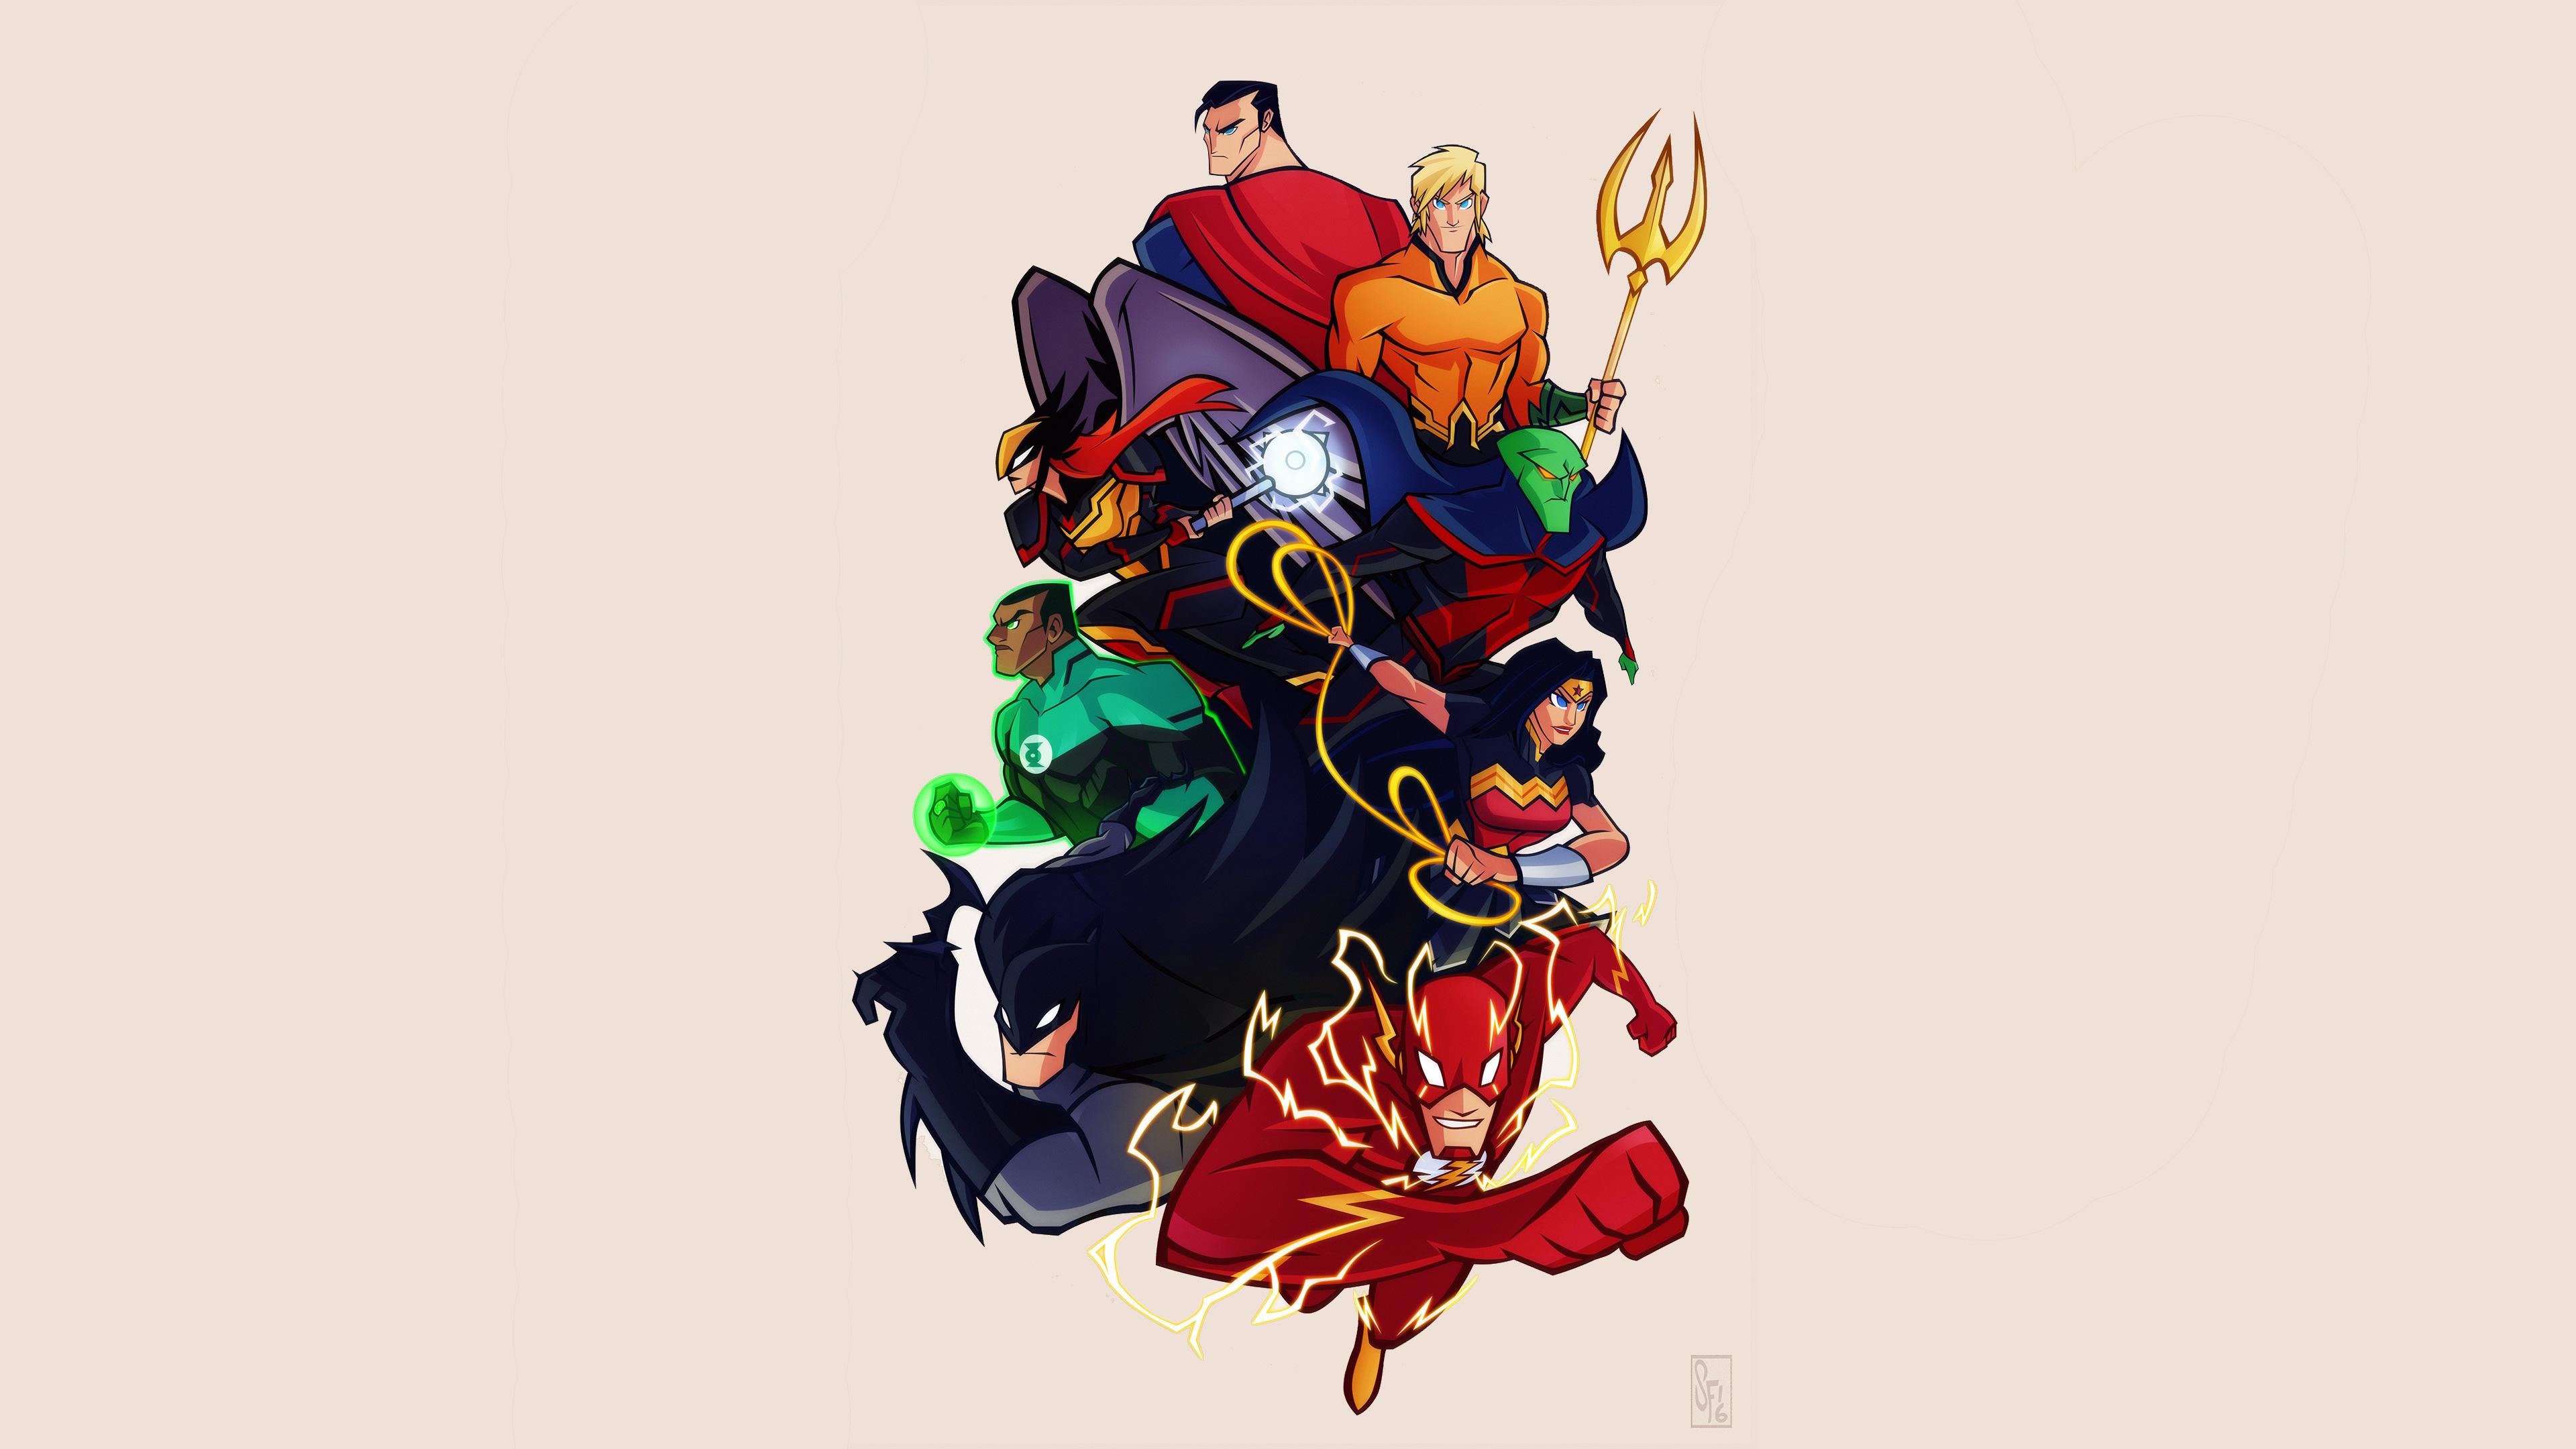 Justice League Cartoon Comic Artwork 4k